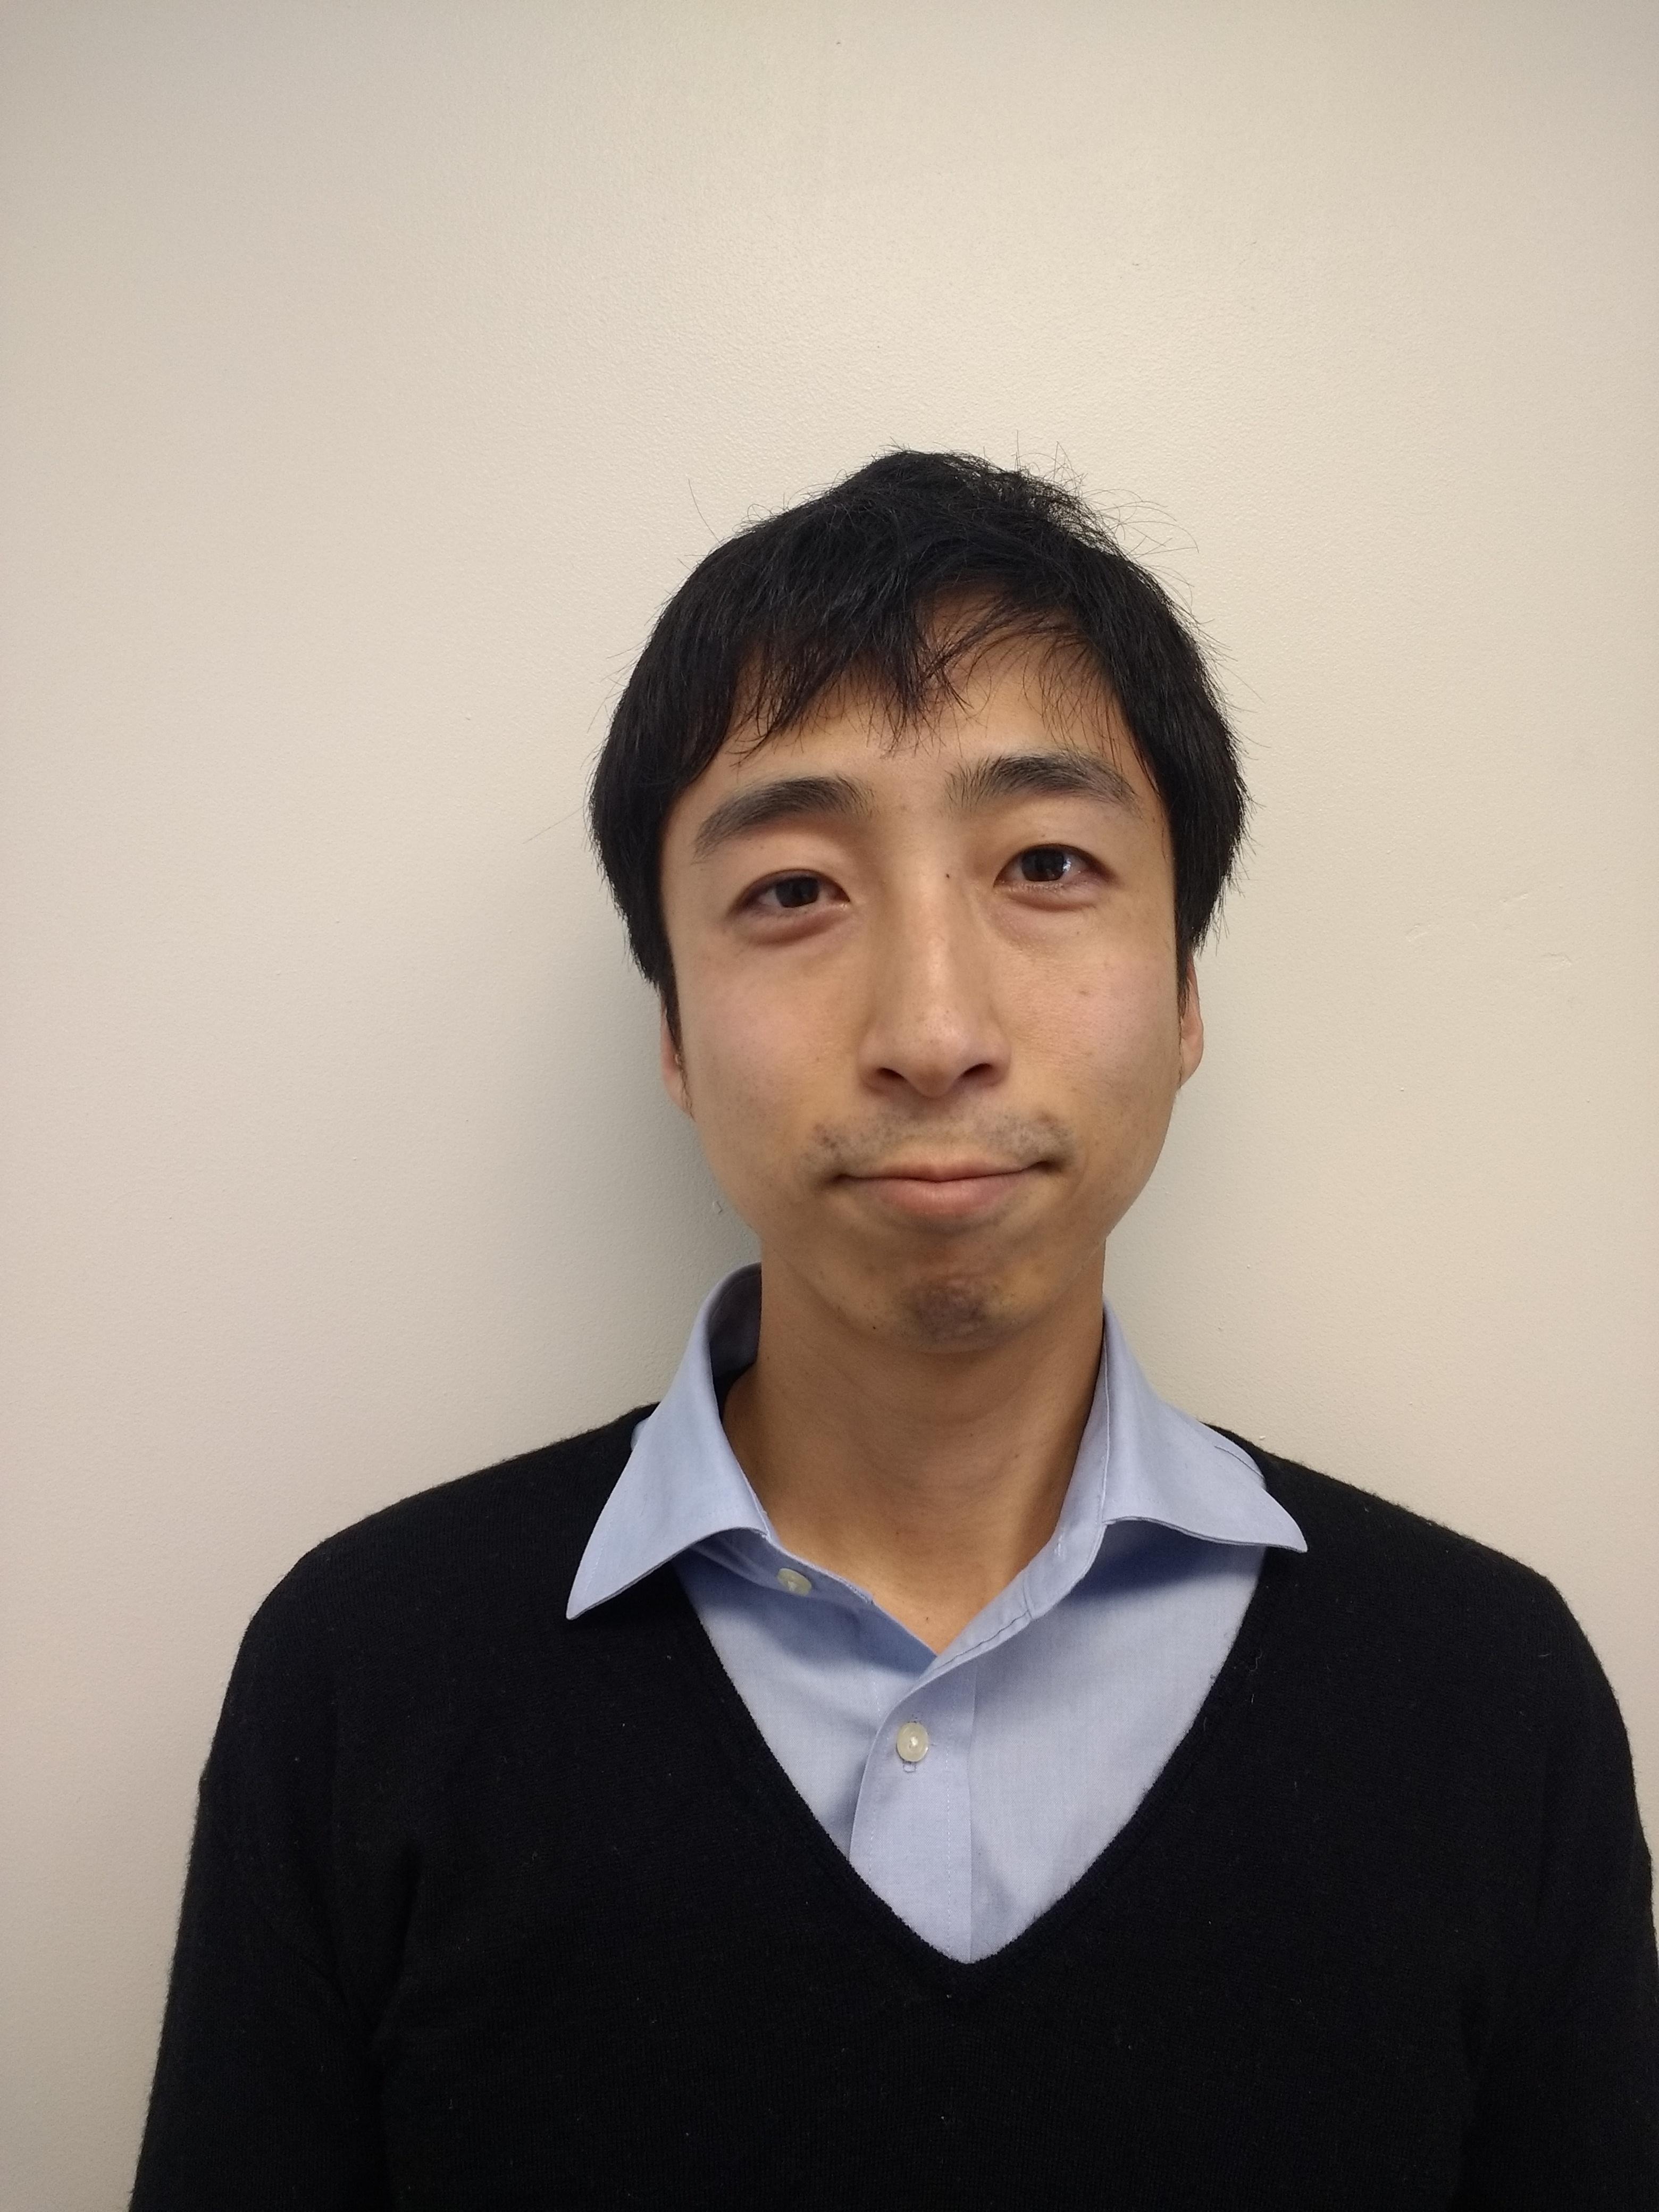 Photograph of Takeya Okuno